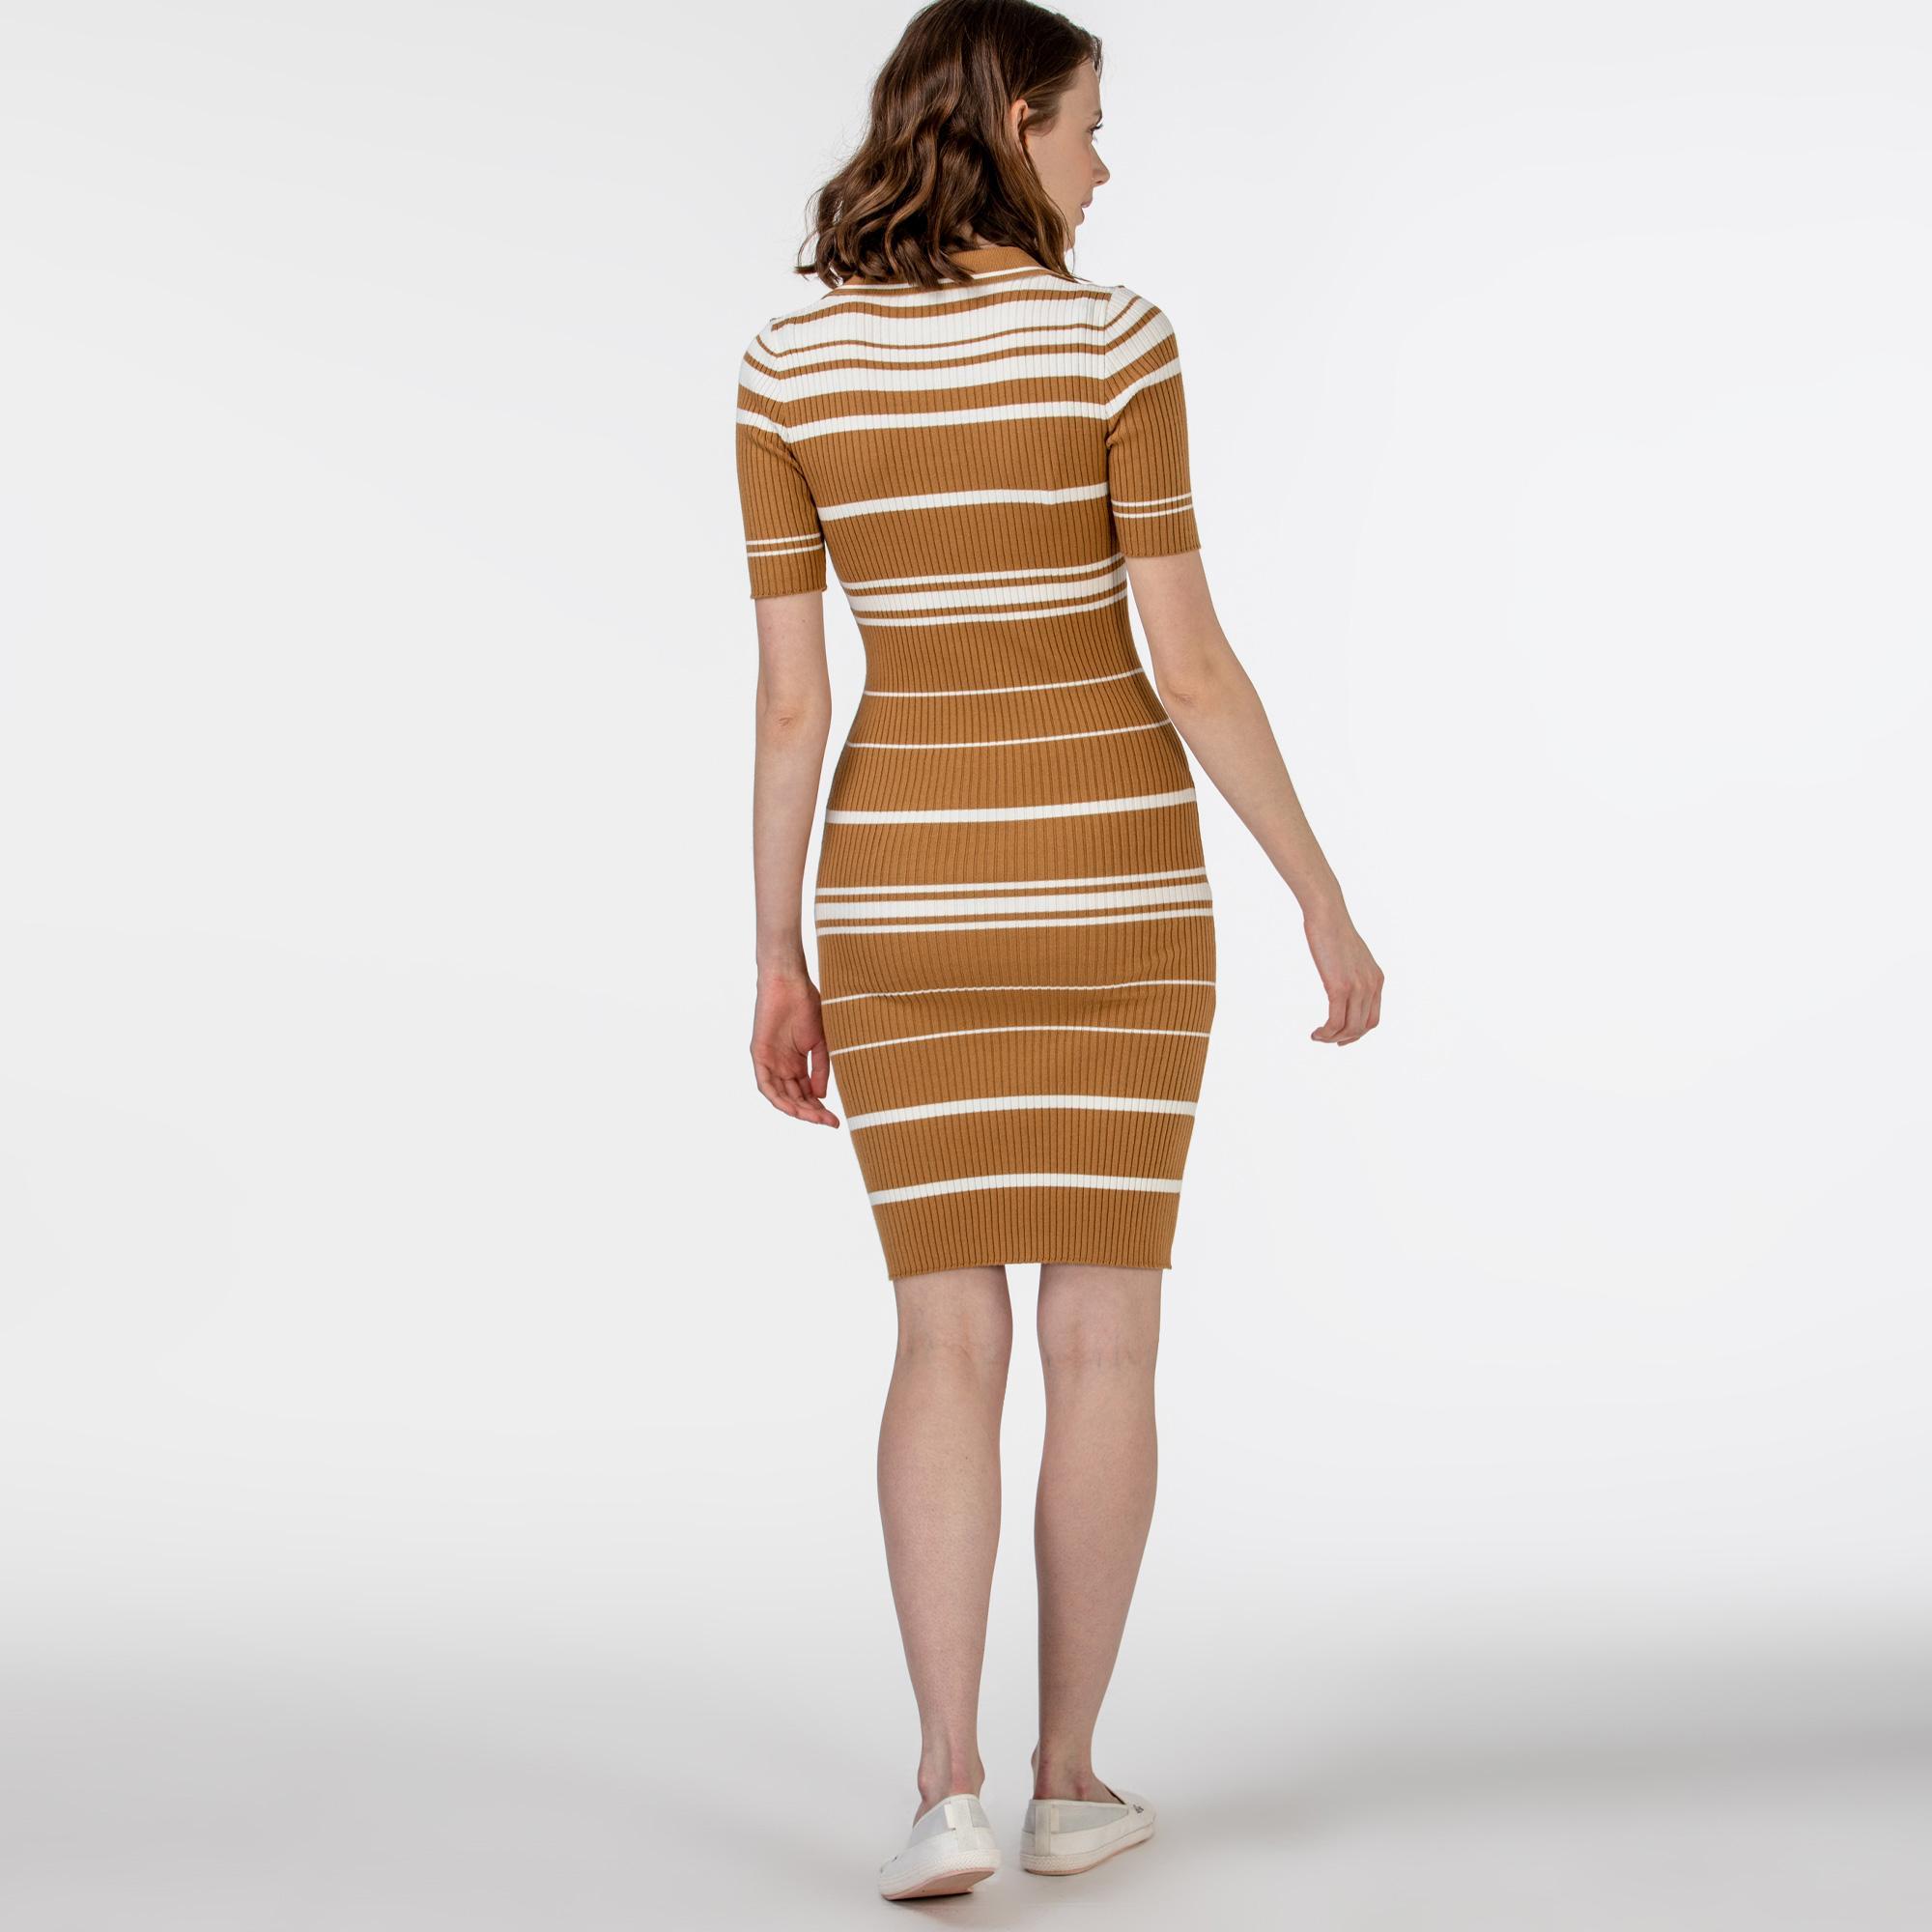 Lacoste Kadın Kısa Kollu Polo Yaka Çizgili Kahverengi Elbise